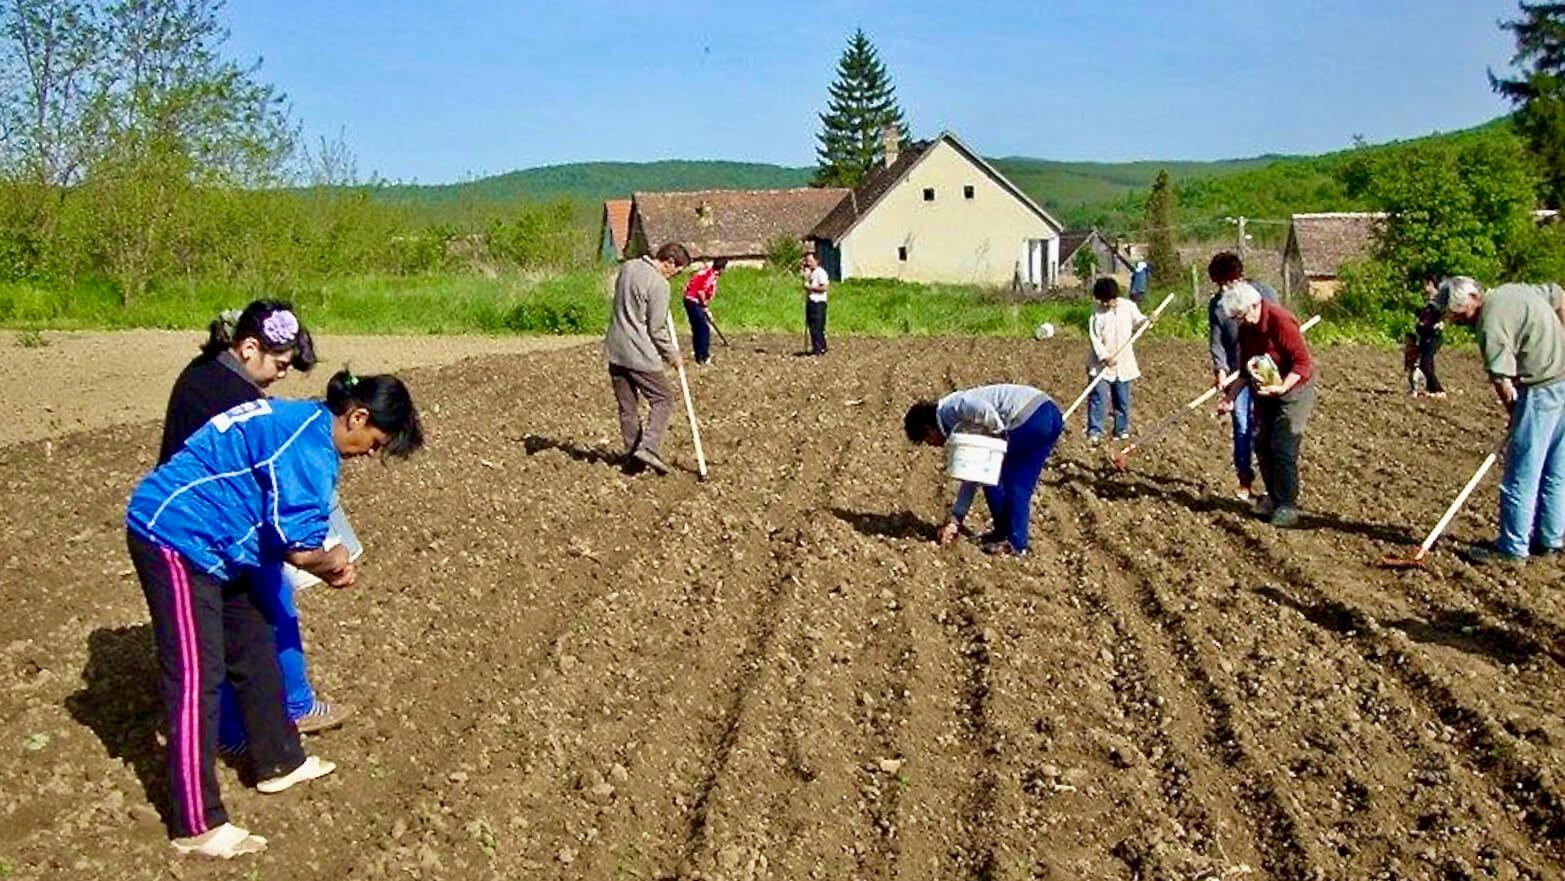 Roma in Ugarn bei der Feldarbeit